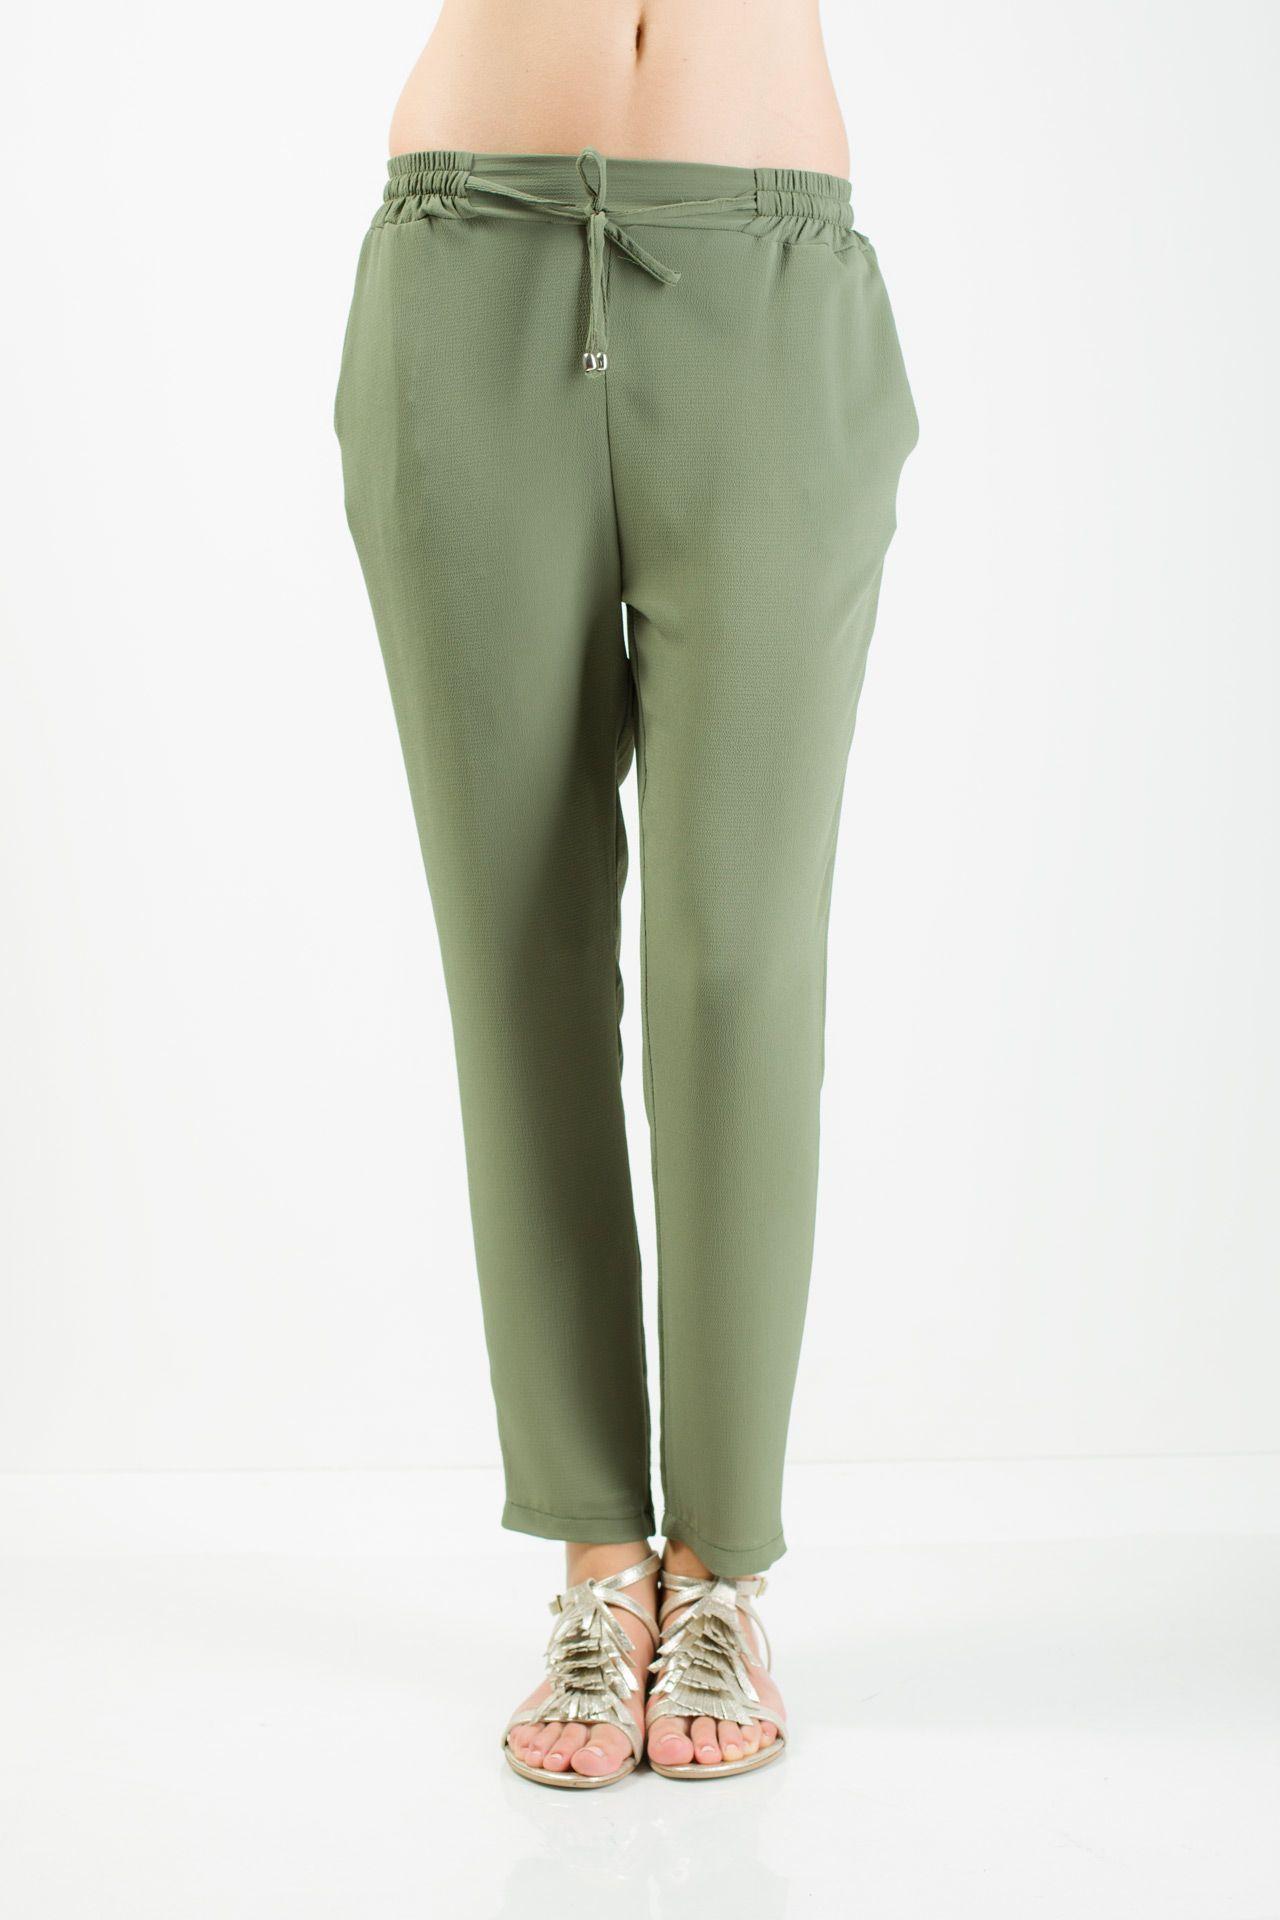 Vestibilità comoda Cinta elastica con coulisse Tasche anteriori taglio uomo Cavallo leggermente sceso Fondo regolare.